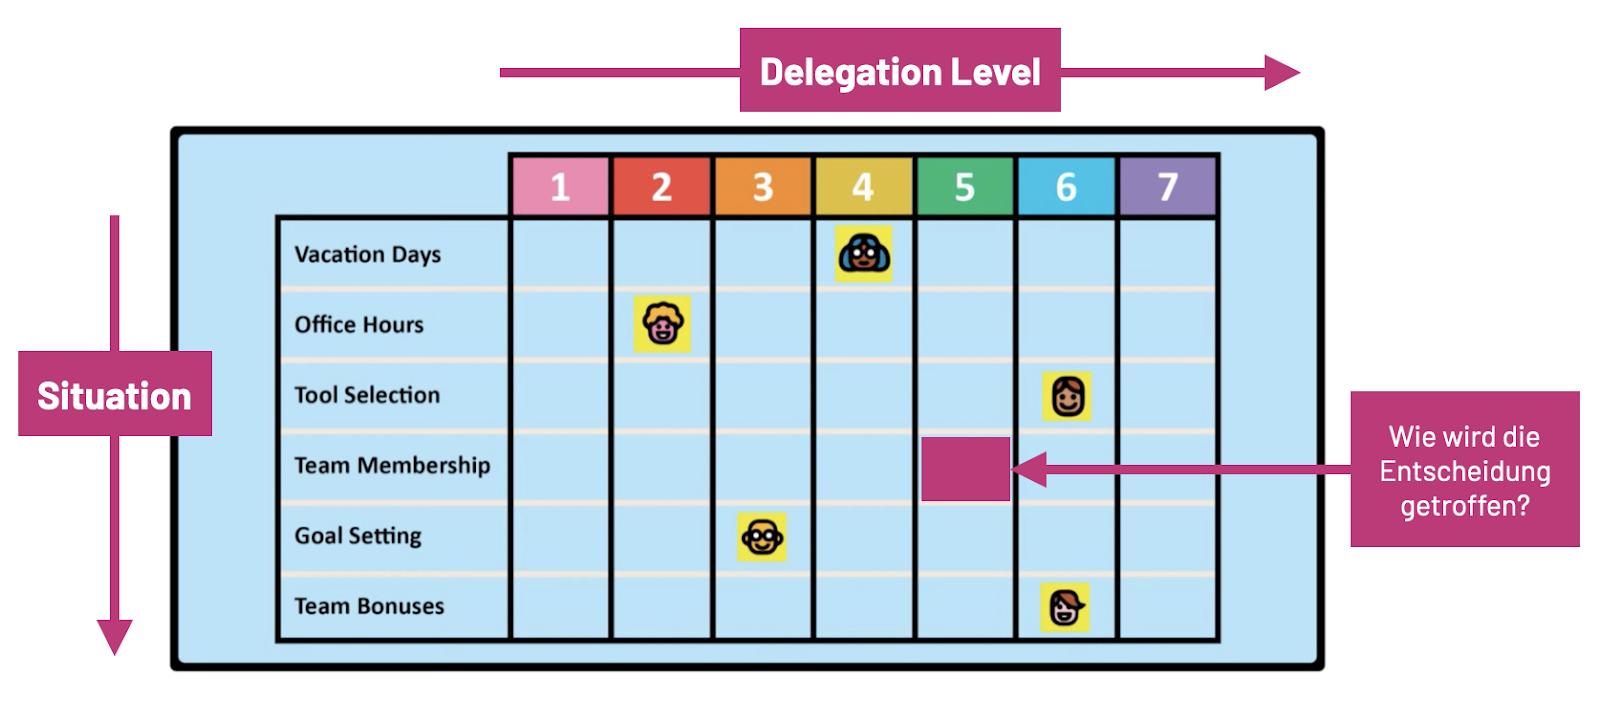 Das Delegation Board dokumentiert Delegation Level und Entscheidungsprozesse